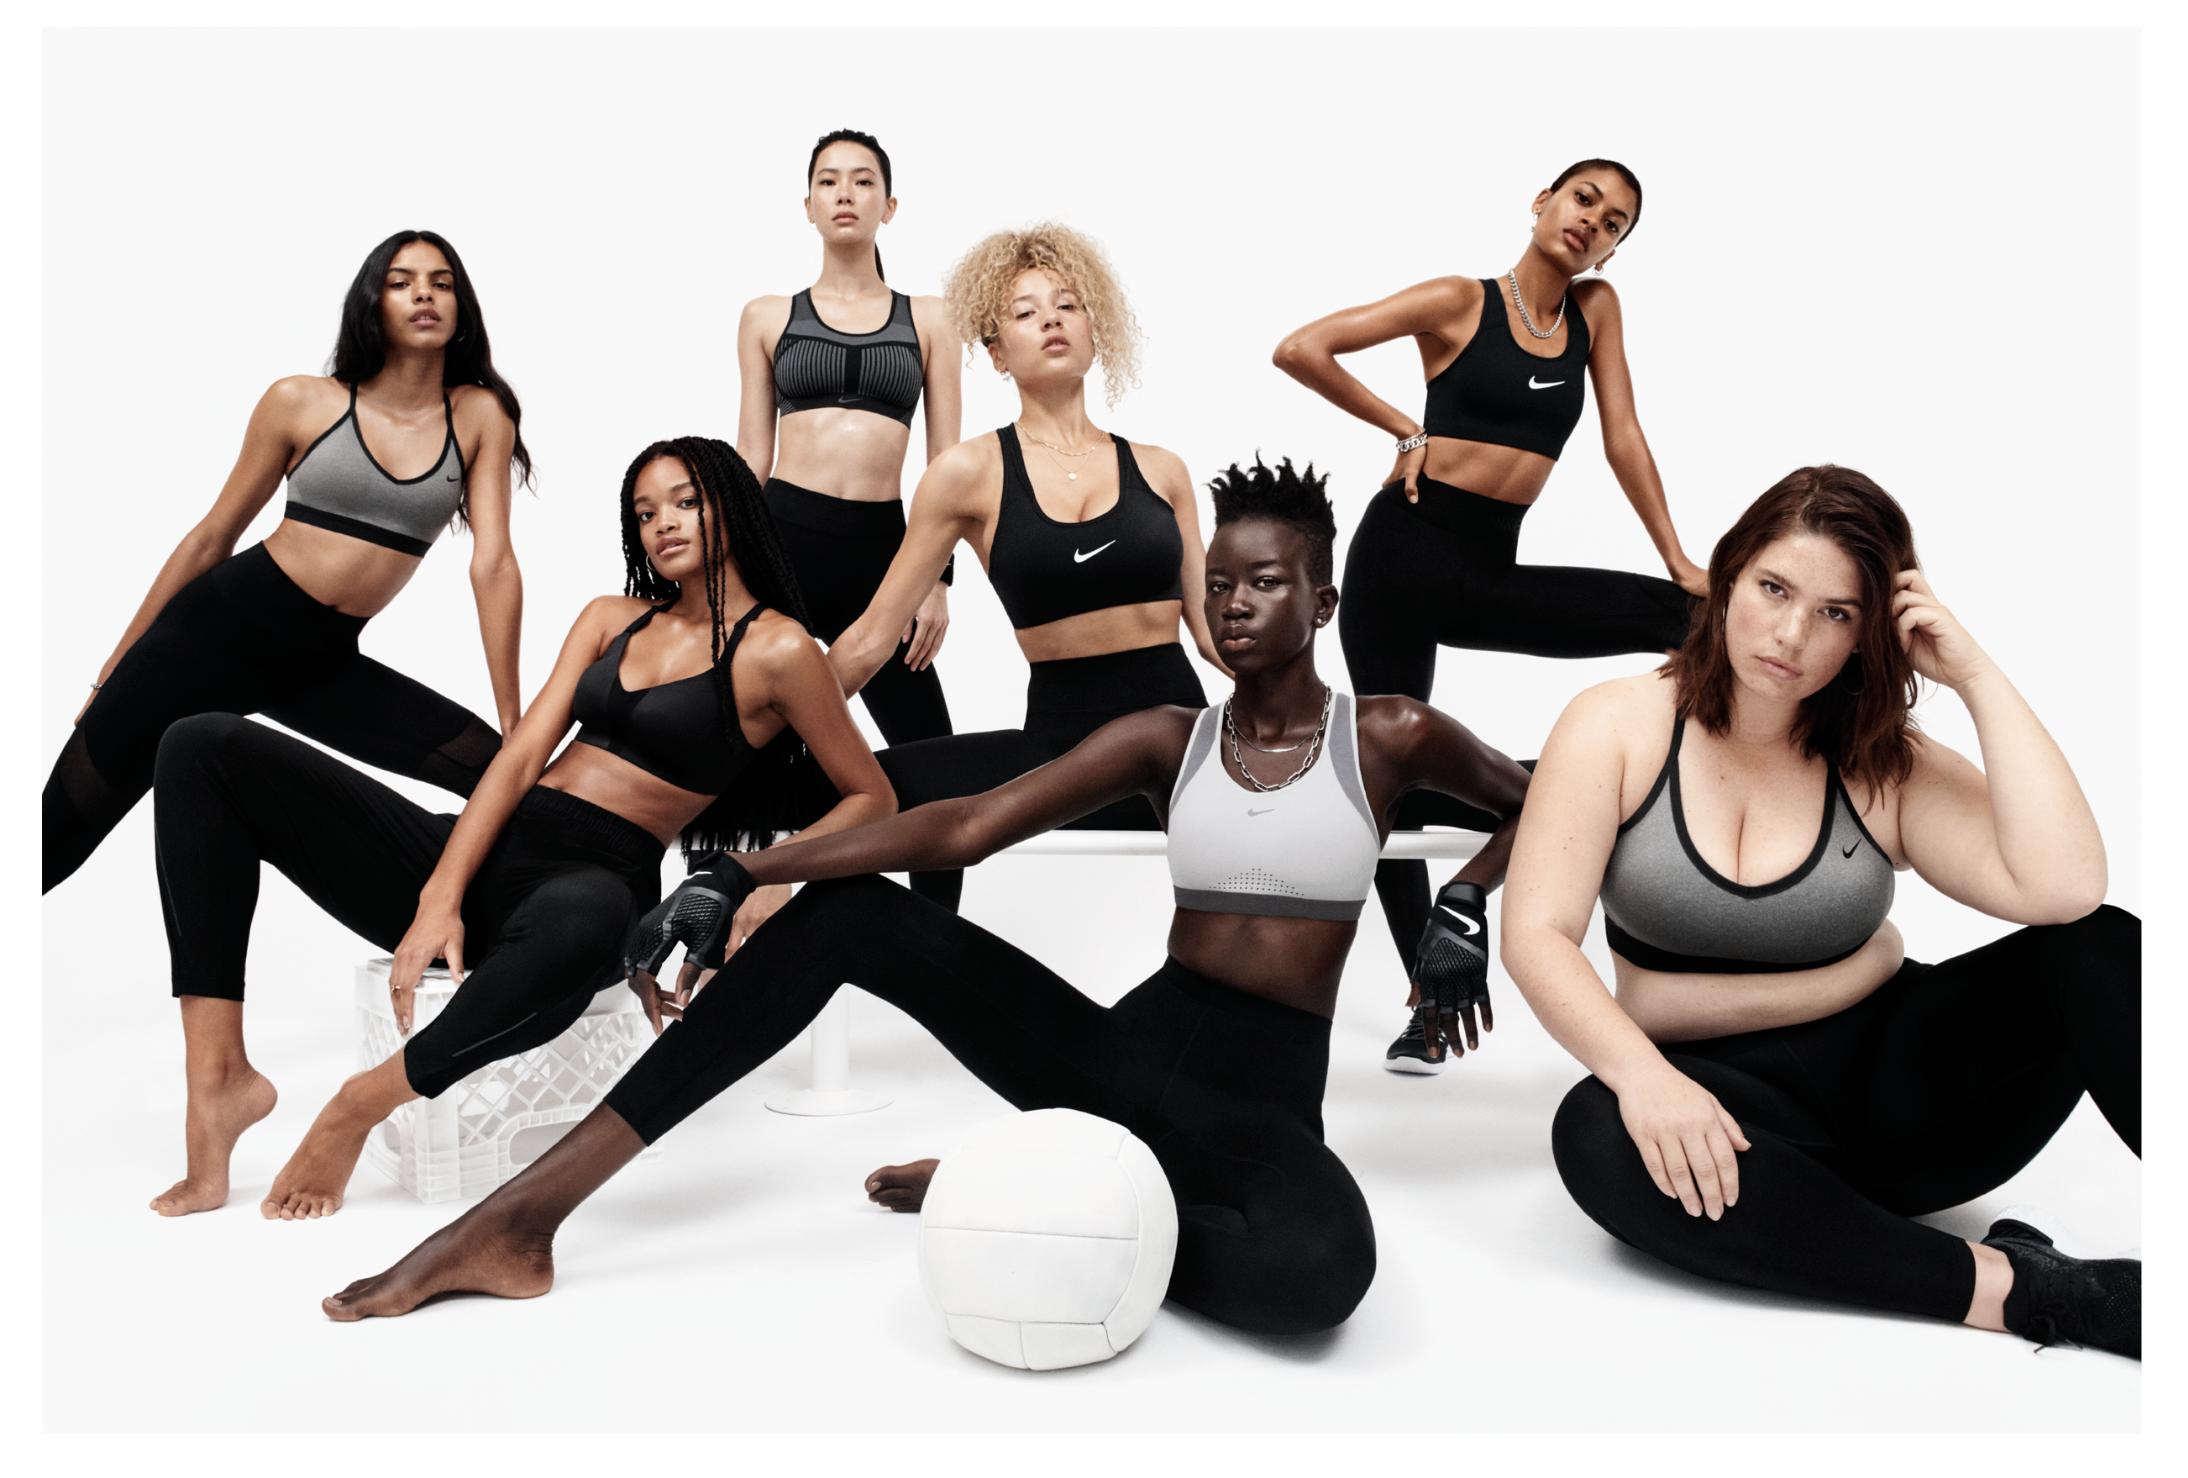 Hormiga flotante Imitación  nike women's bra & tights campaign - mere imani.